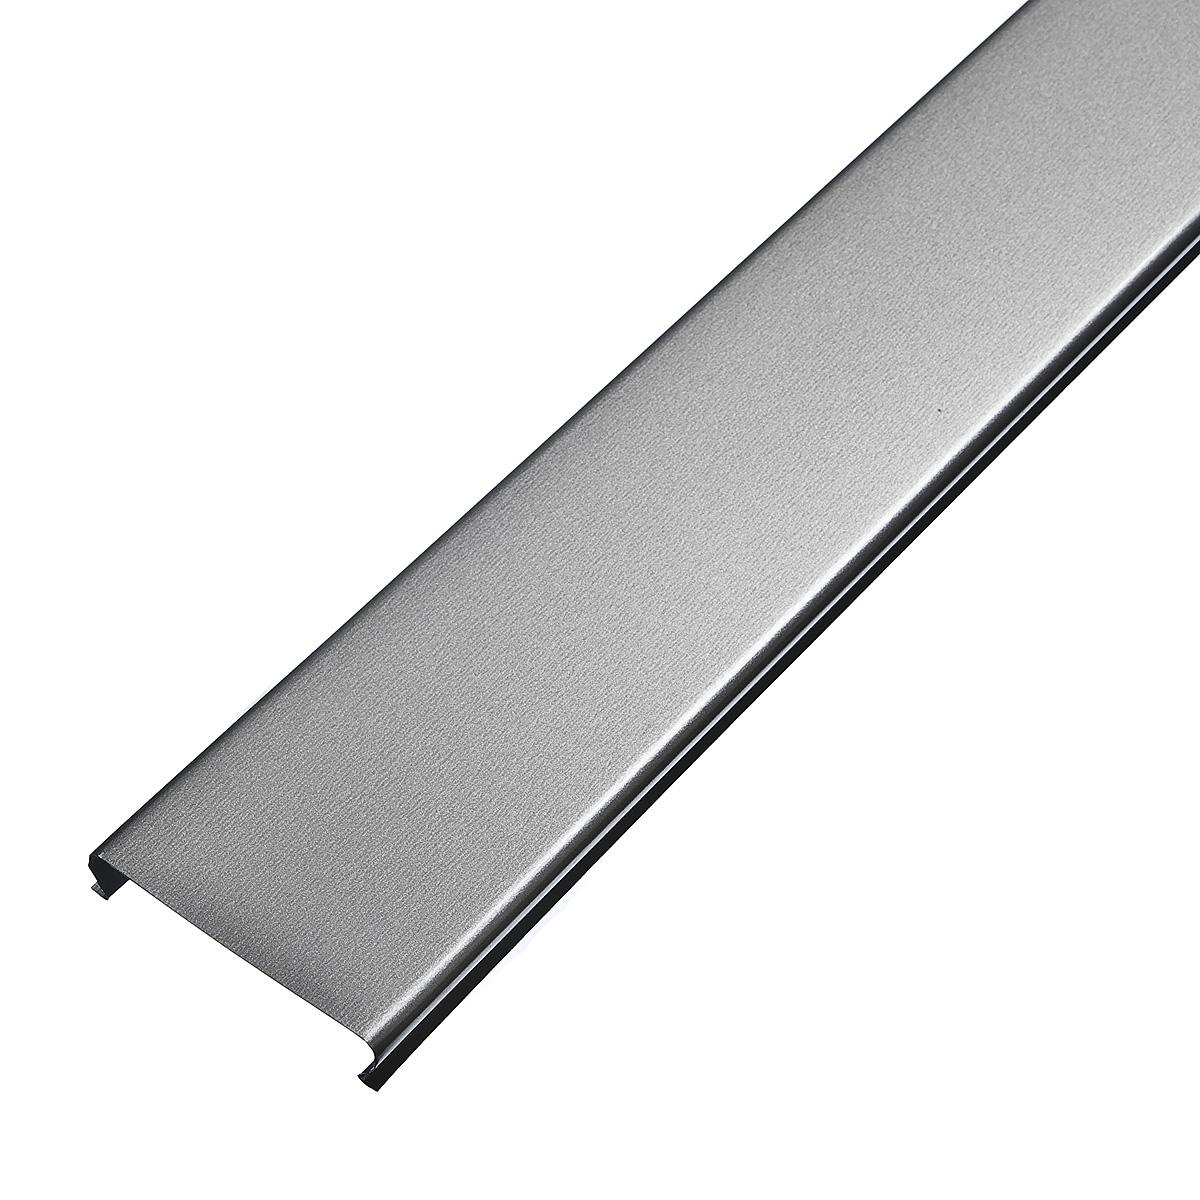 Рейка сплошная Омега А 100АТ 3м серебристый металлик